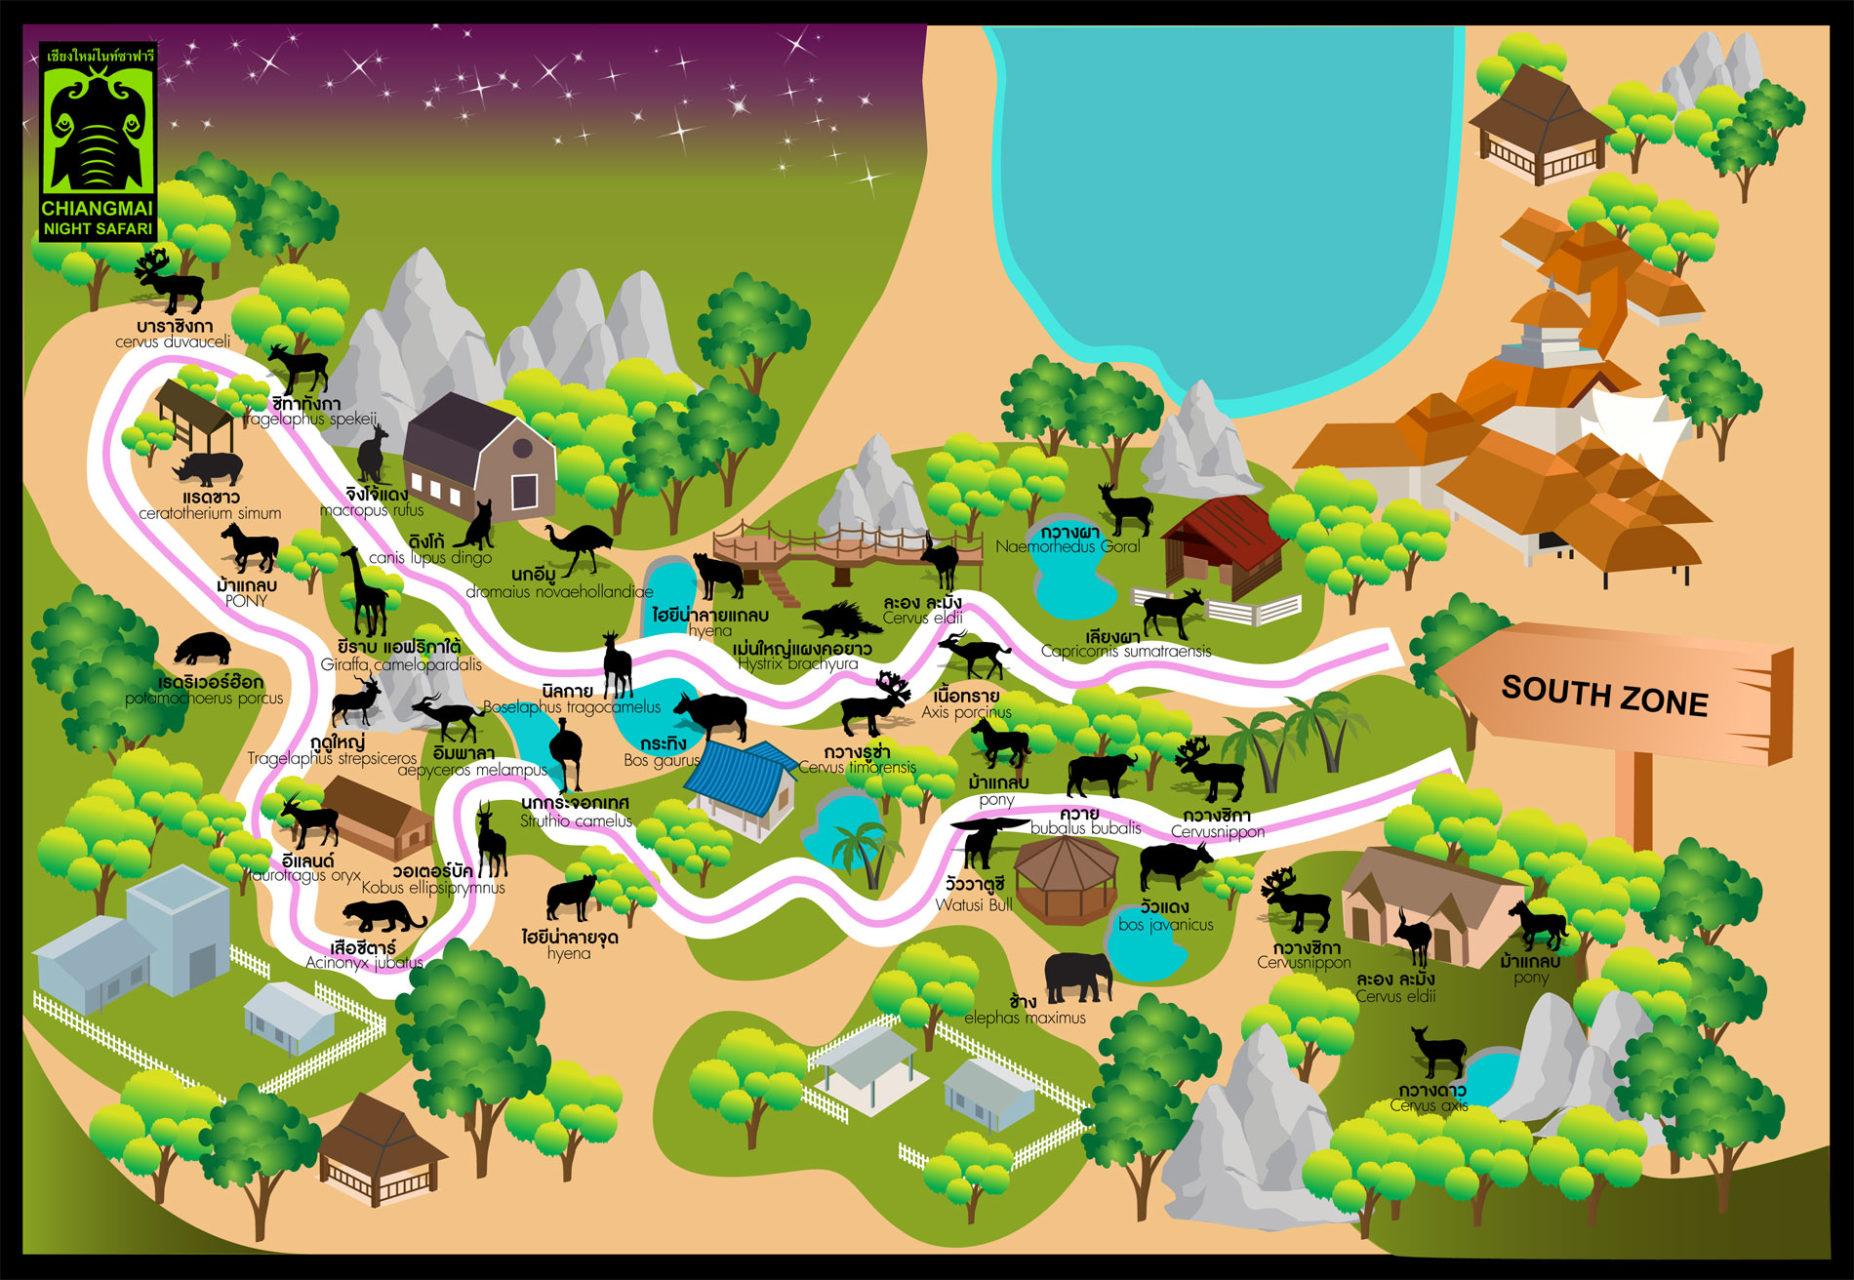 map-nightsafari-south